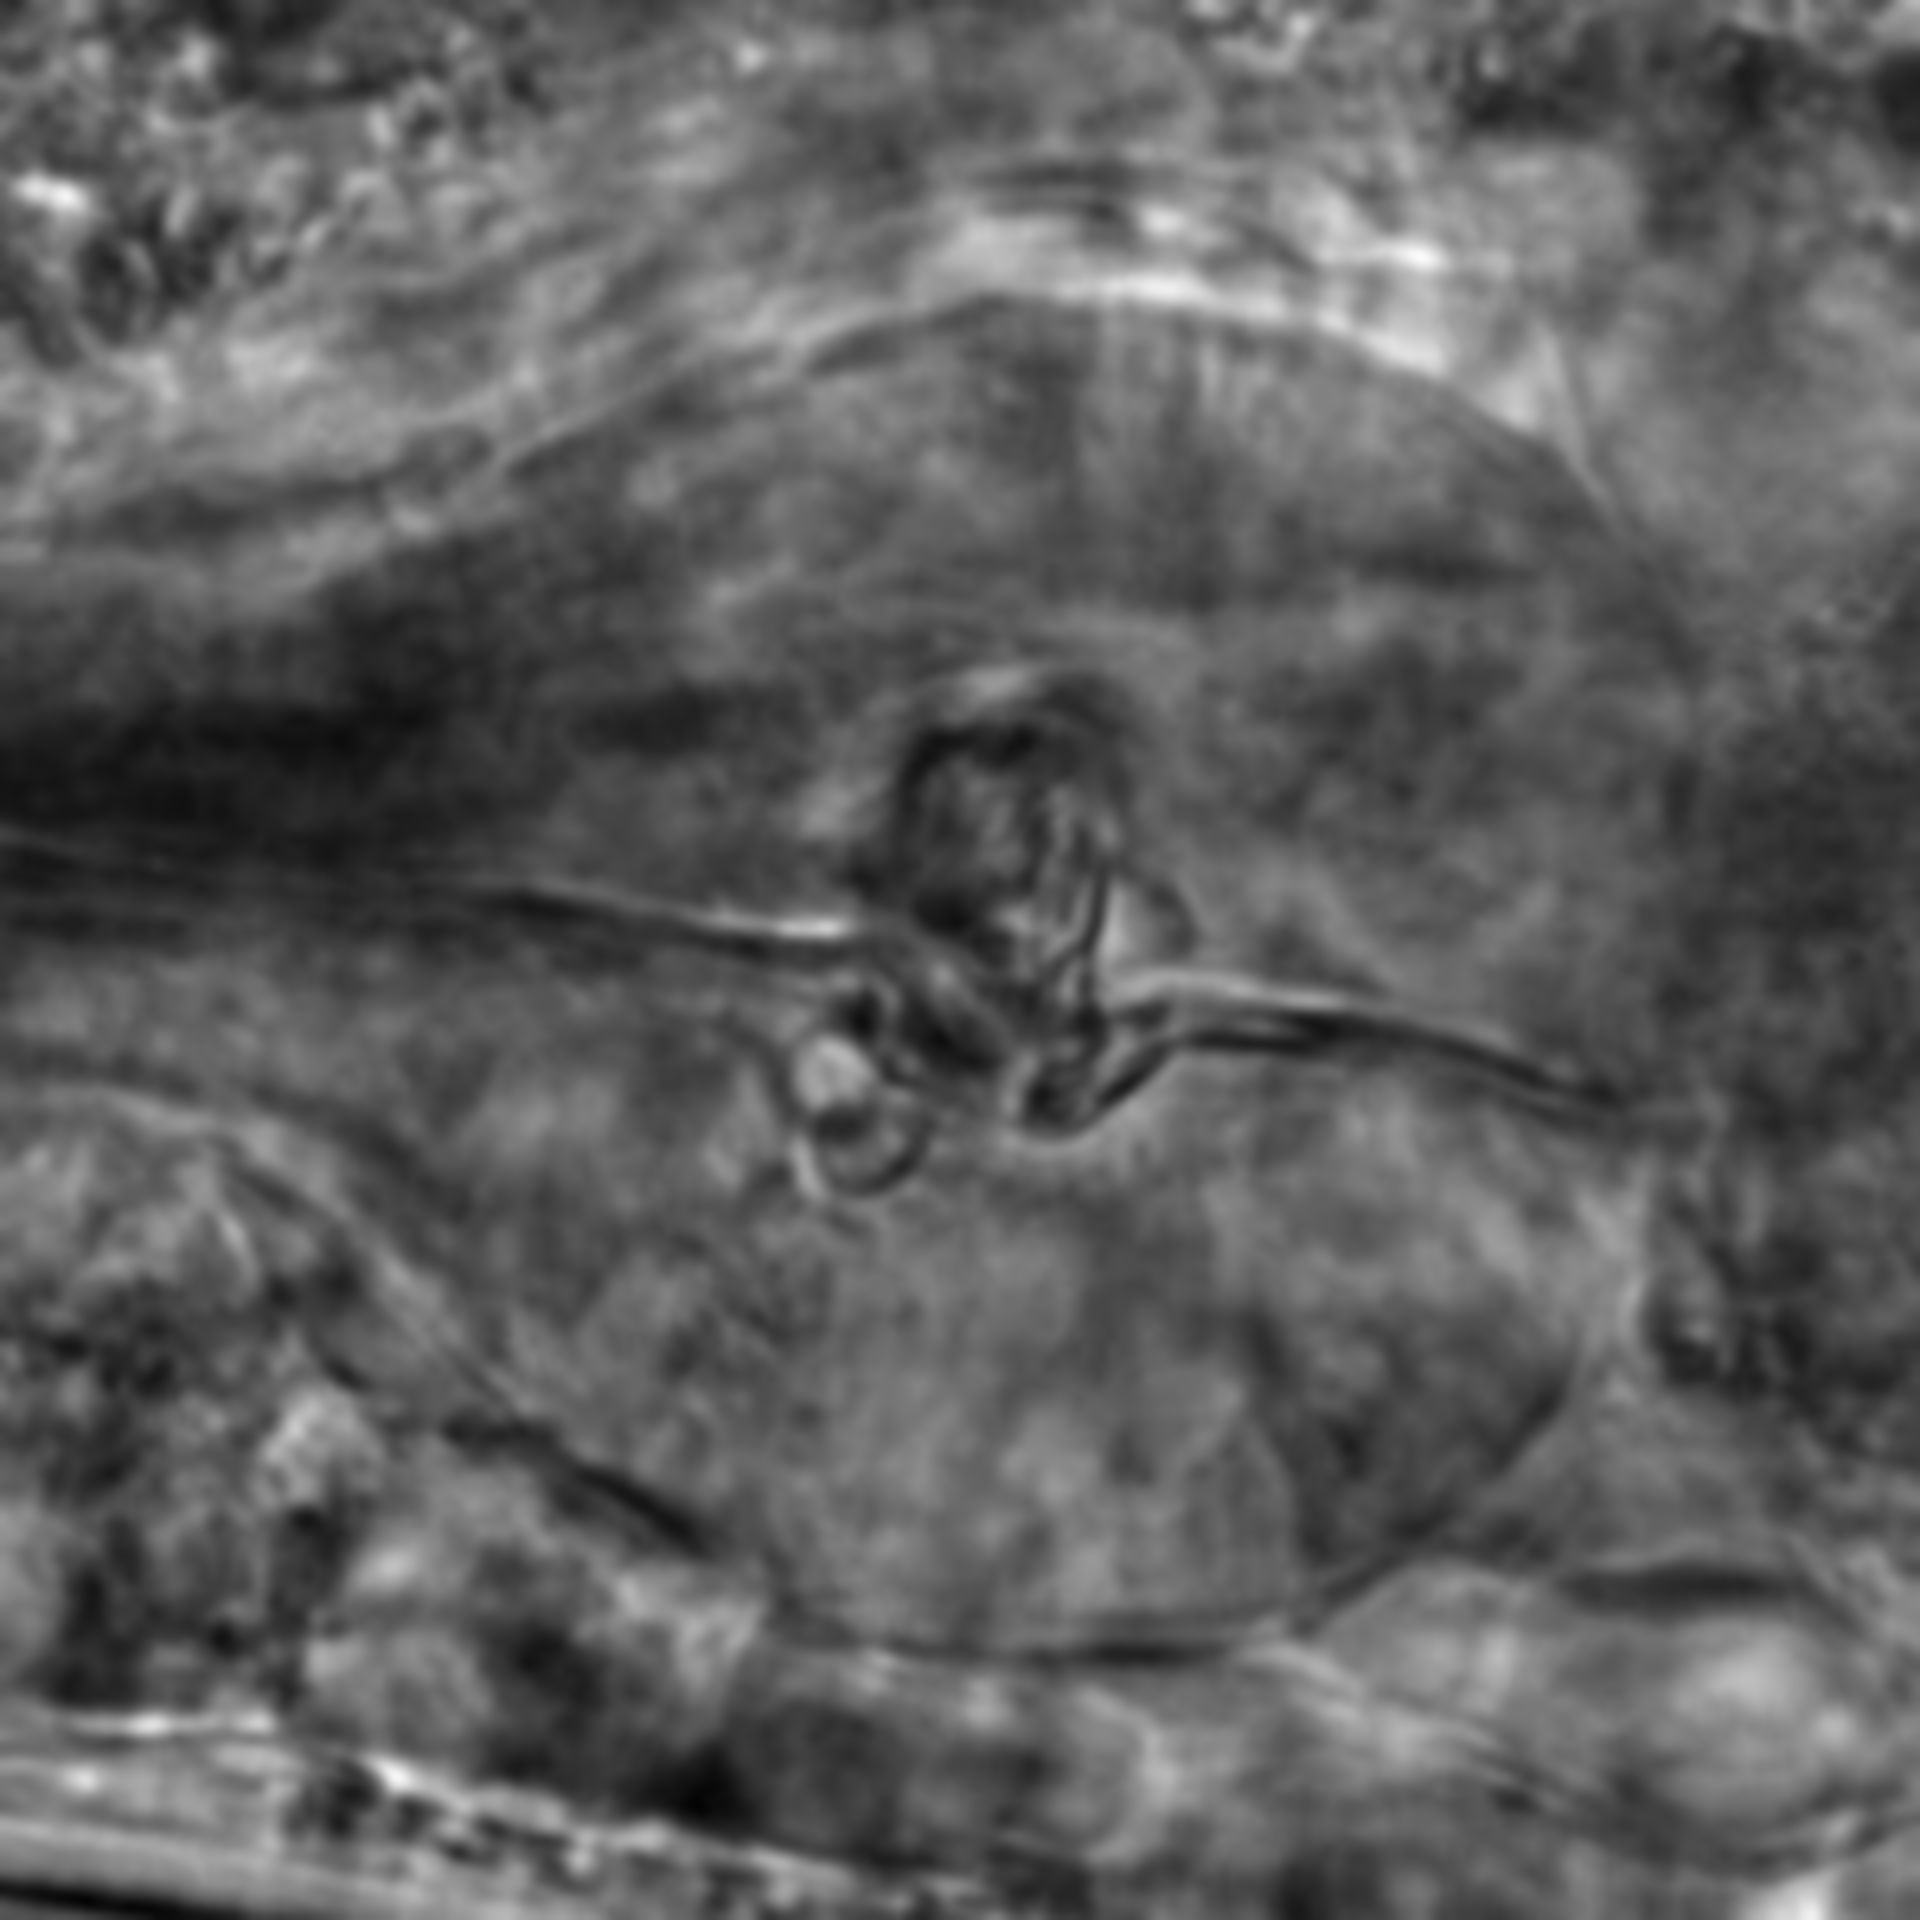 Caenorhabditis elegans - CIL:1908